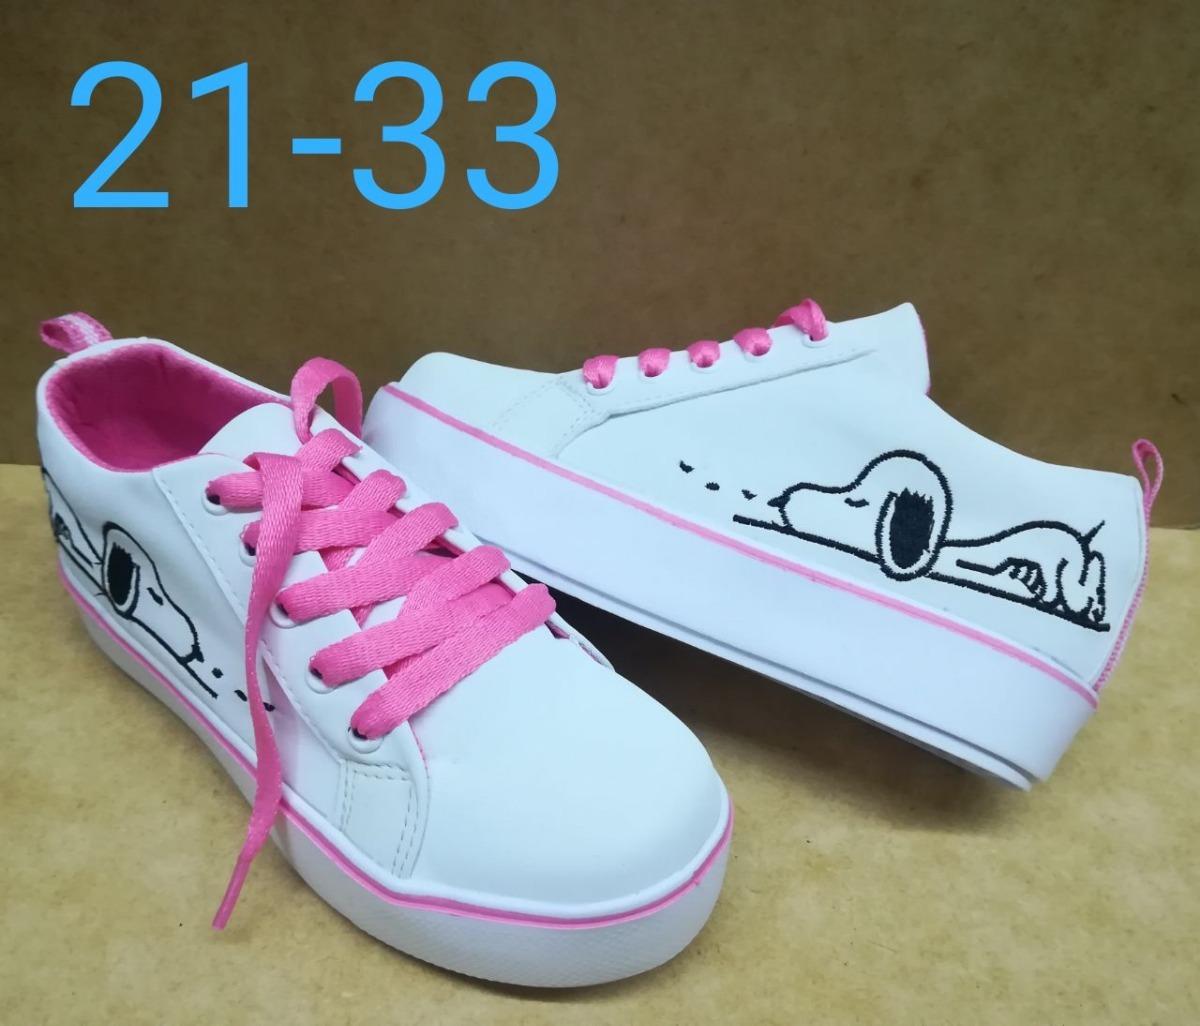 577d4e10 zapato de cordón tenis deportivo snoopy niña moda colombia. Cargando zoom.